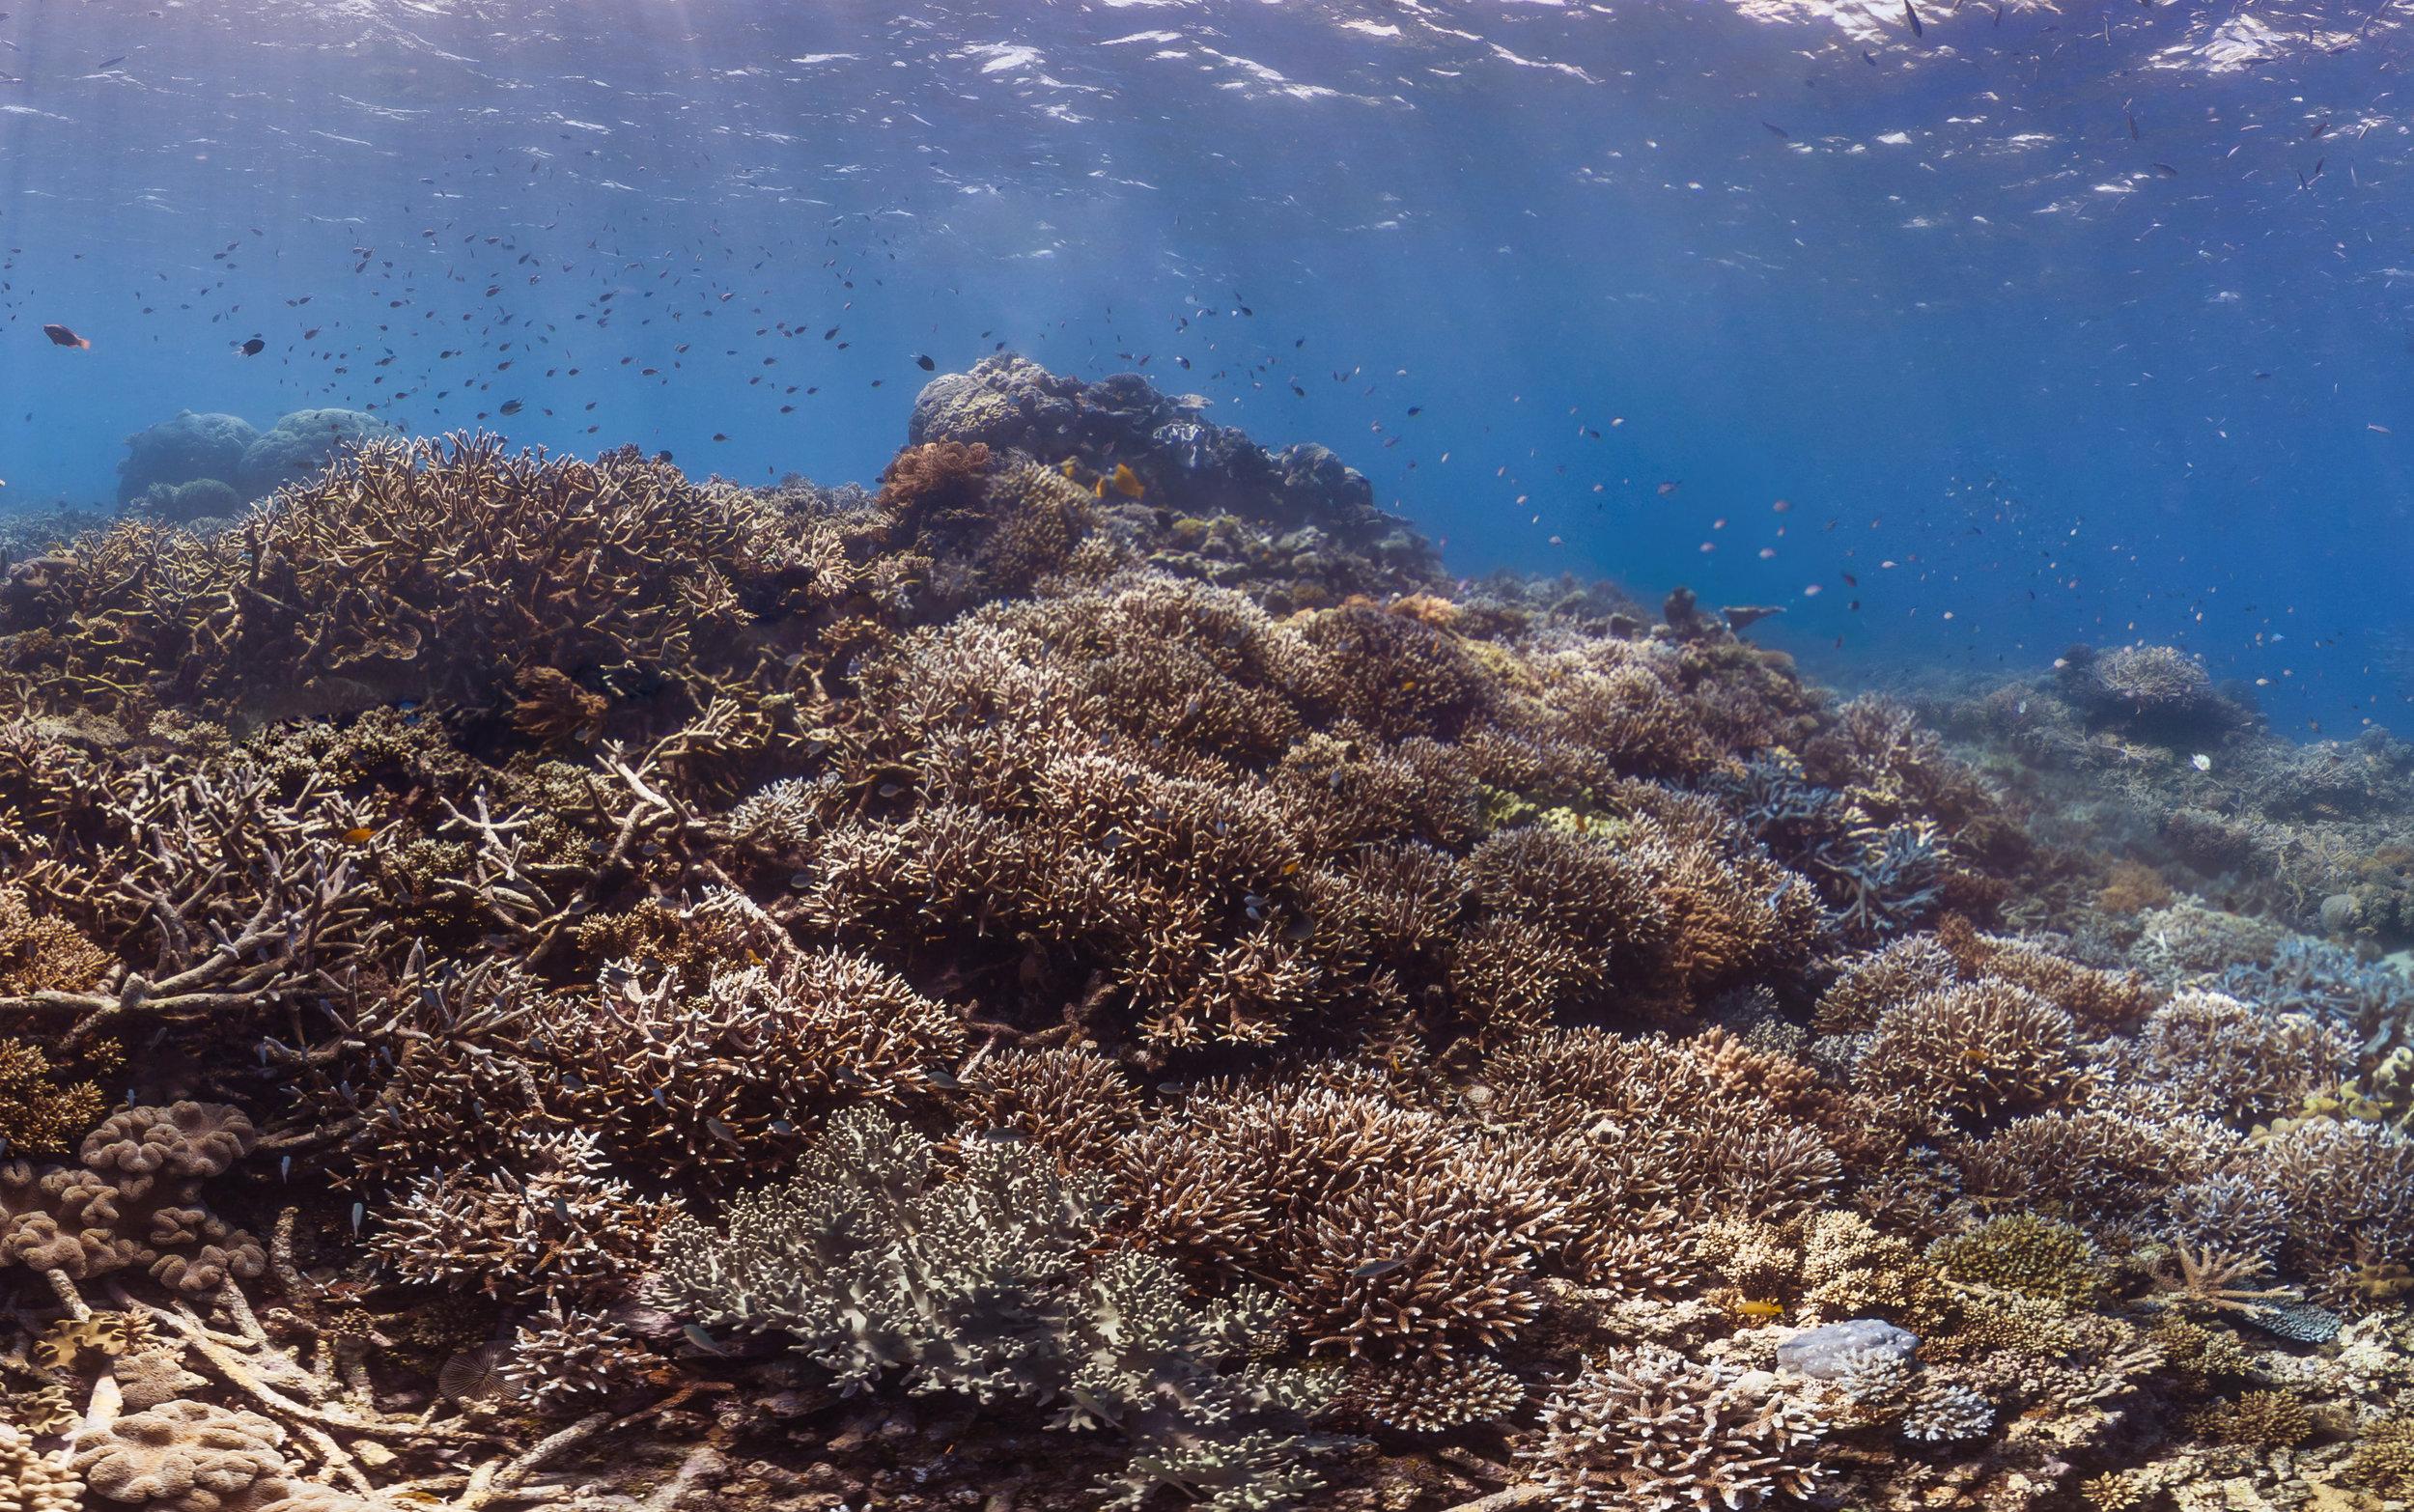 destin reef, great barrier reef credit: The ocean agency / coral reef image bank